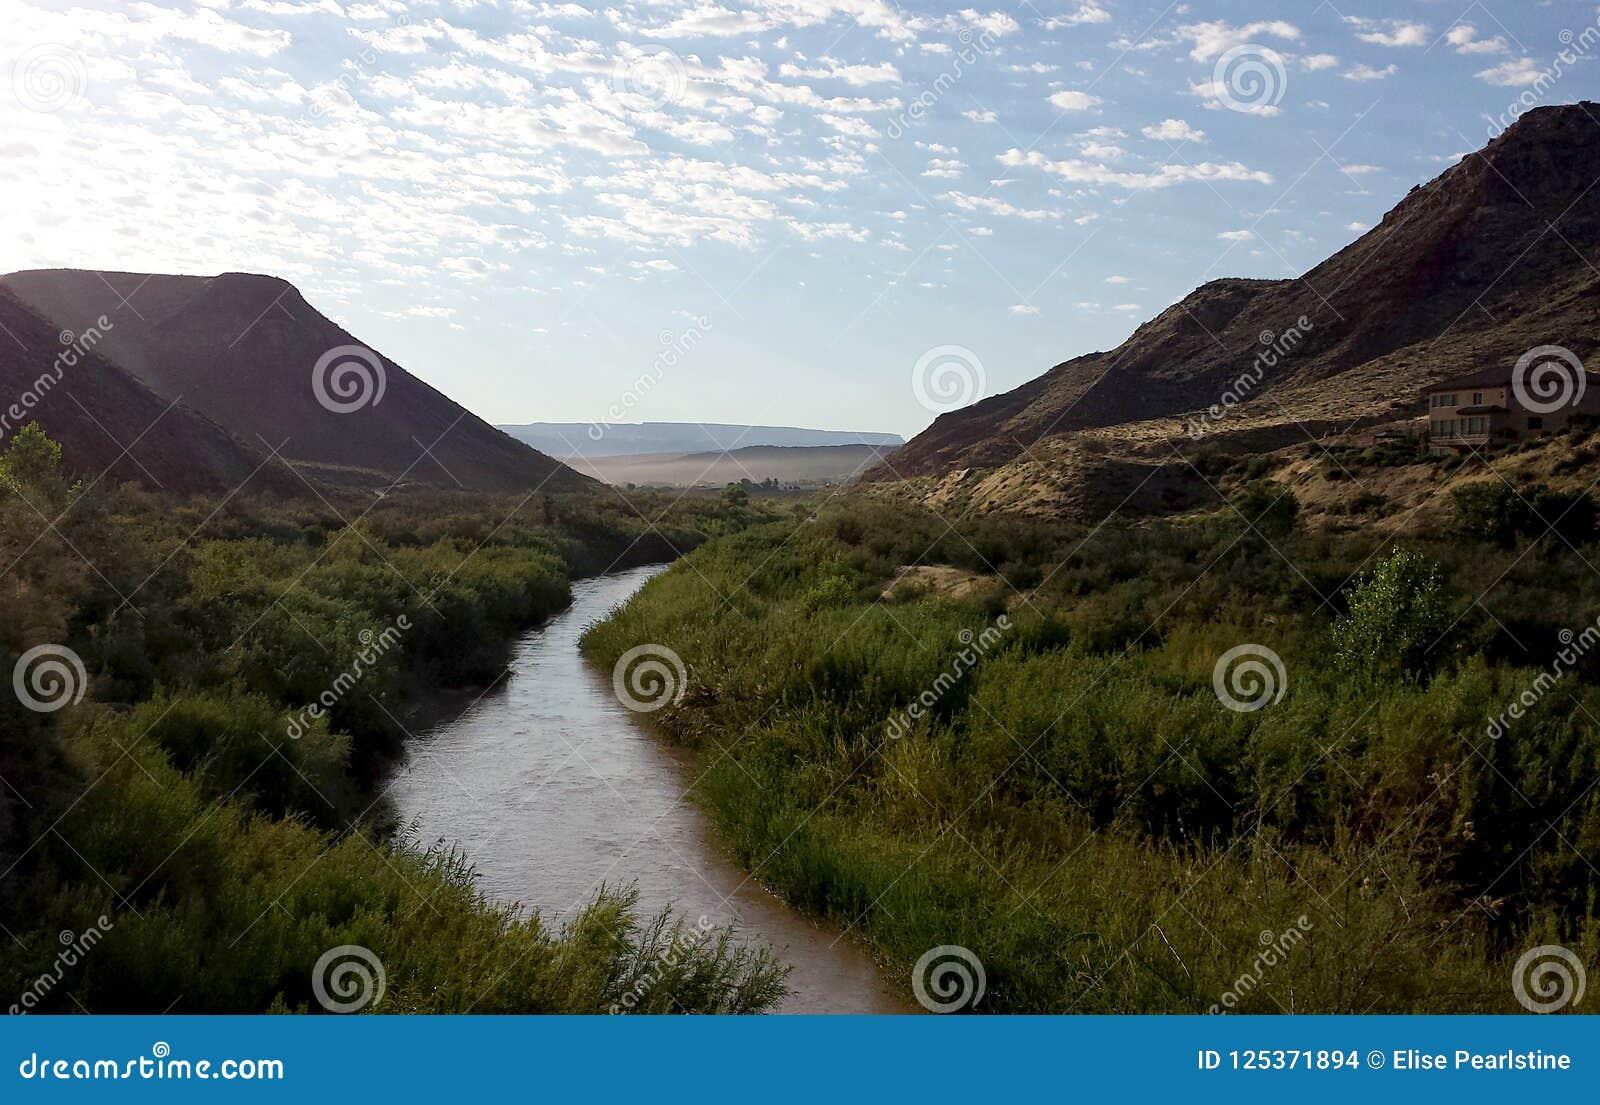 Река девственницы в южной Юте показывая среду обитания Riparian